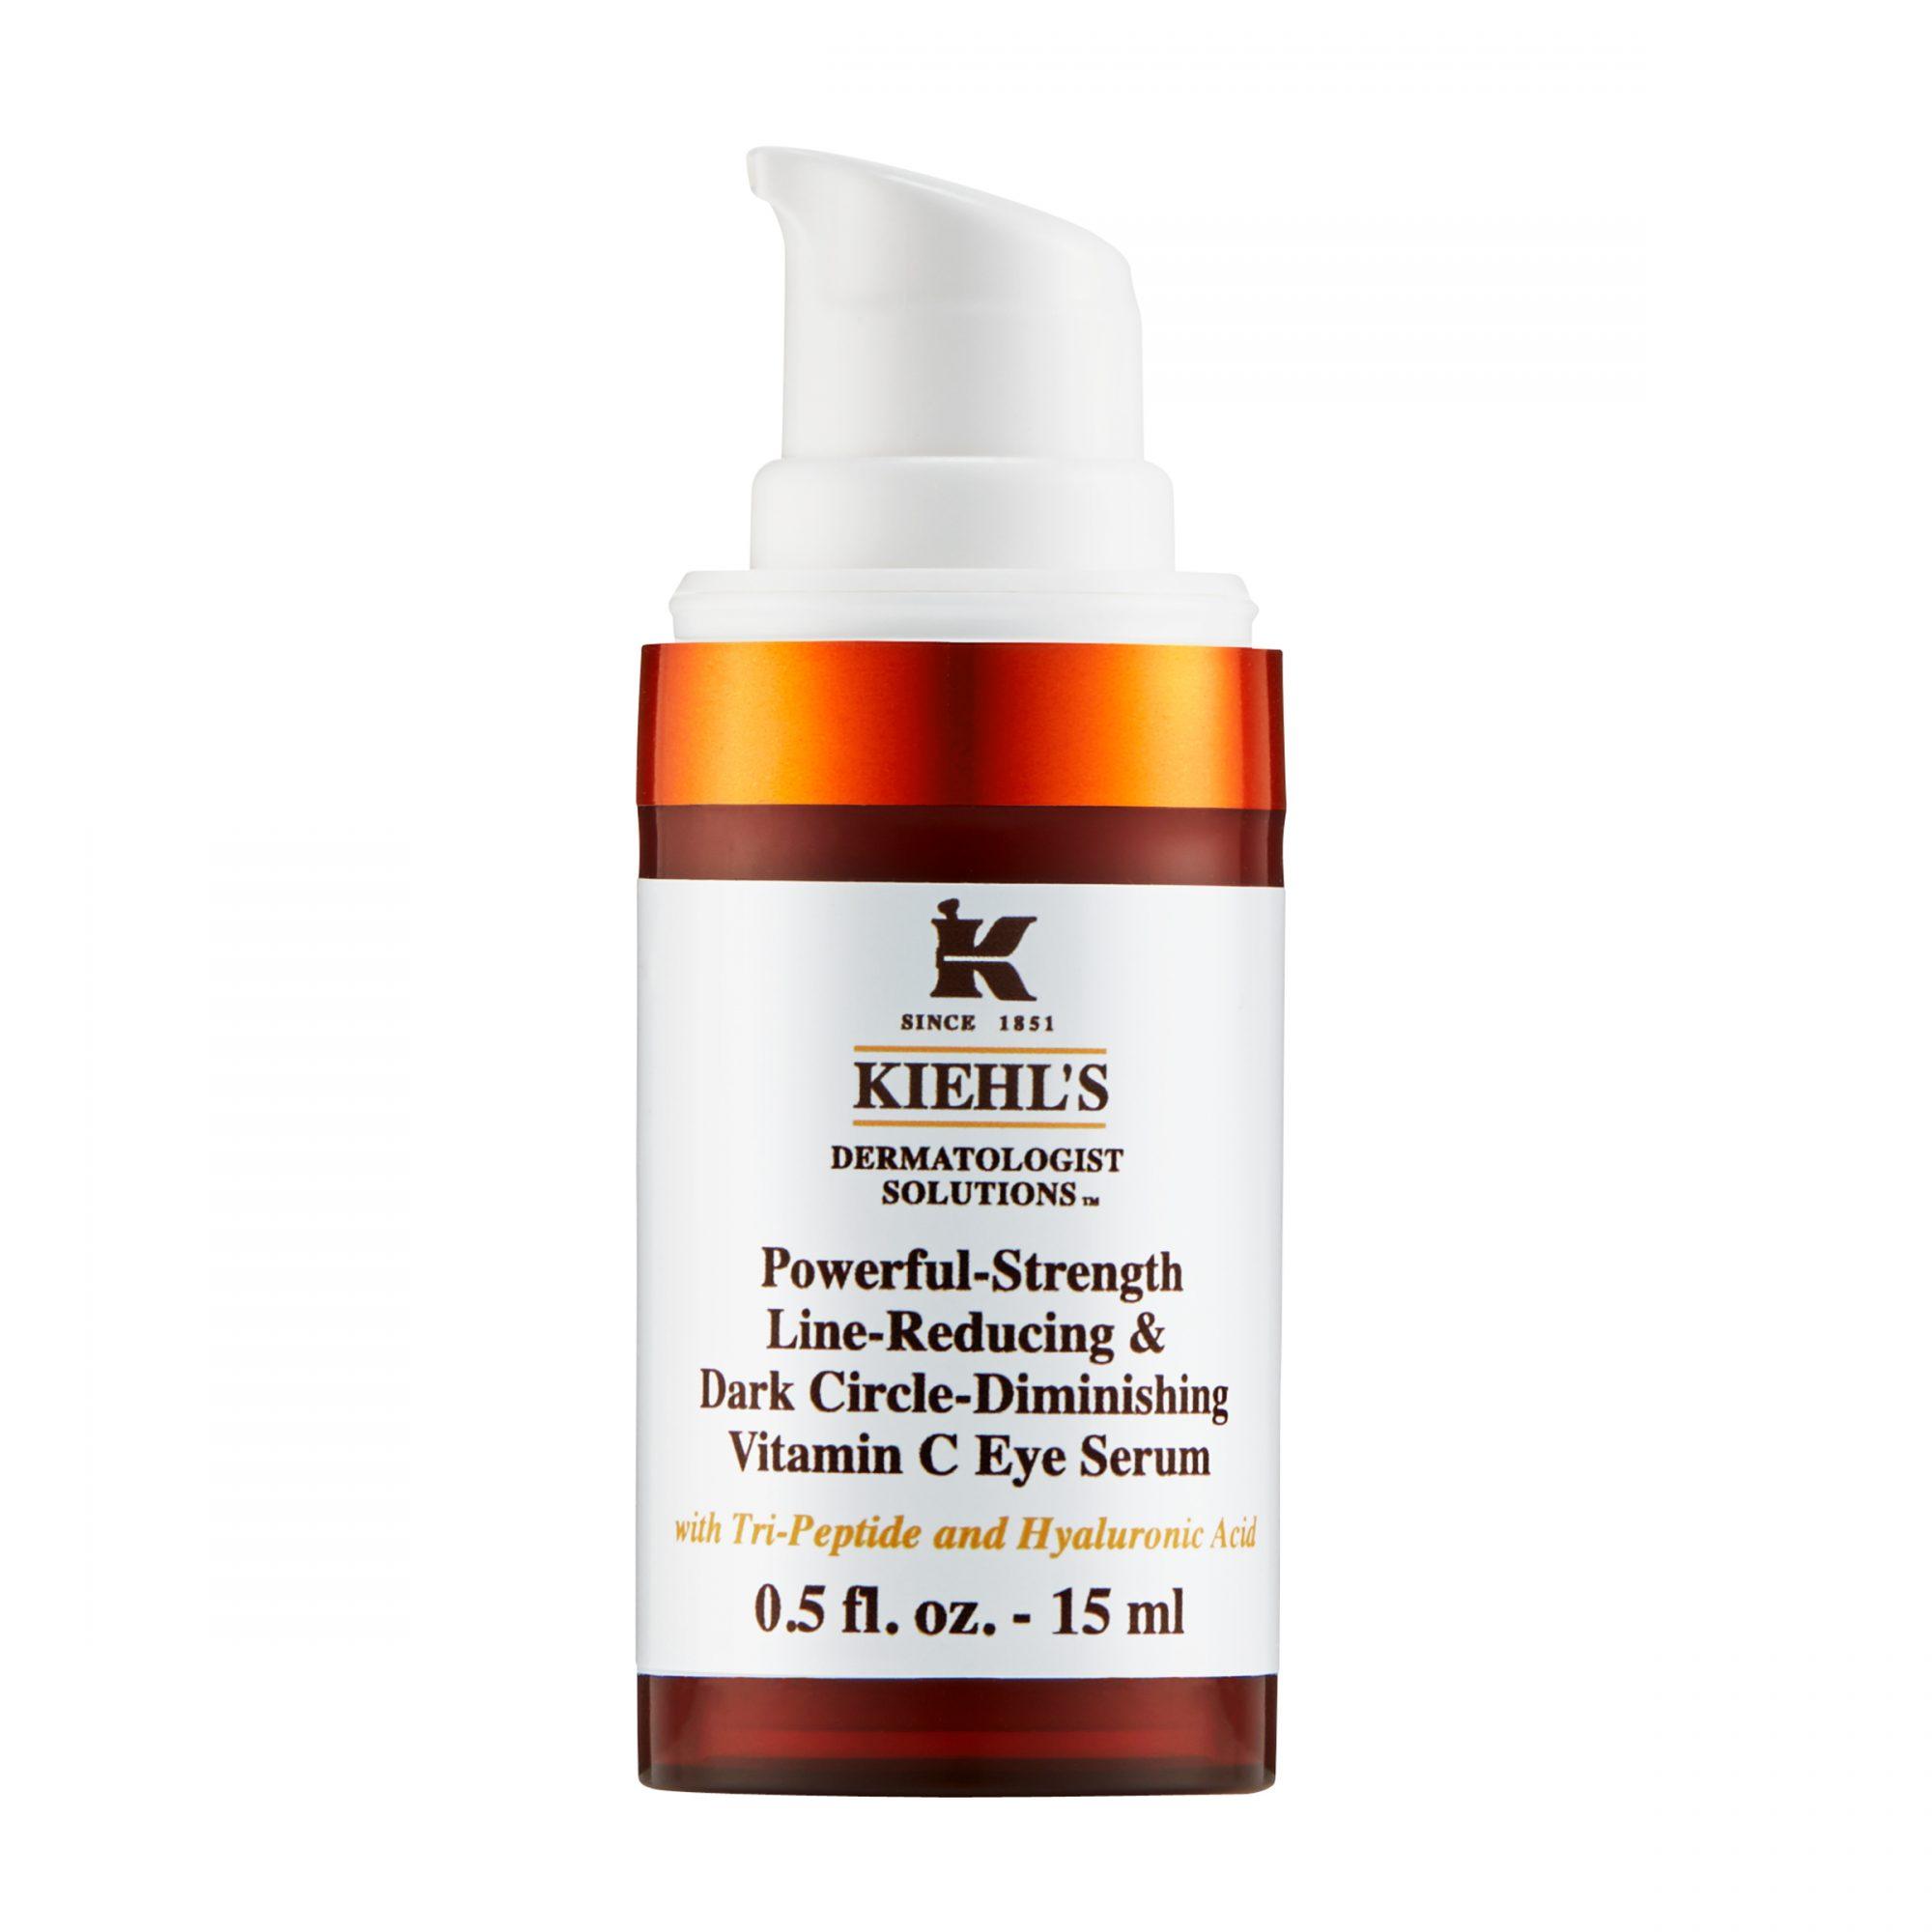 Kiehls-Powerful-Strength-Line-Reducing-Dark-Circle-Diminishing-Vitamin-C-Eye-Serum-000-3605972139559-front